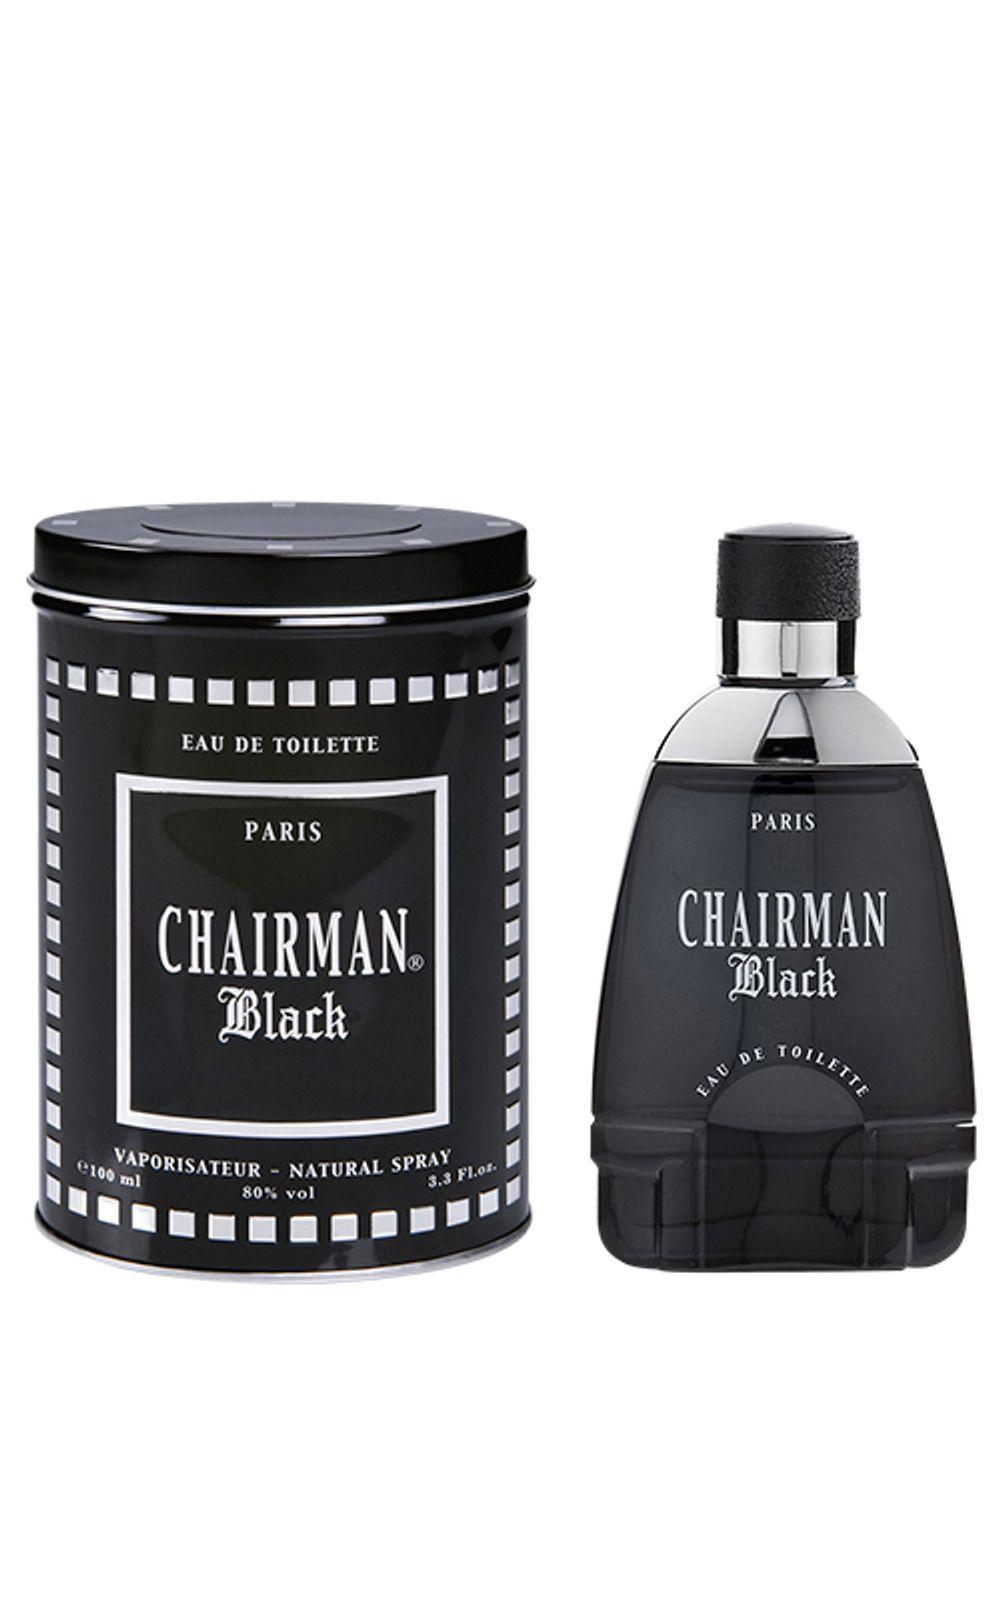 Foto 2 - Chairman Black Paris Bleu - Perfume Masculino - Eau de Toilette - 100ml